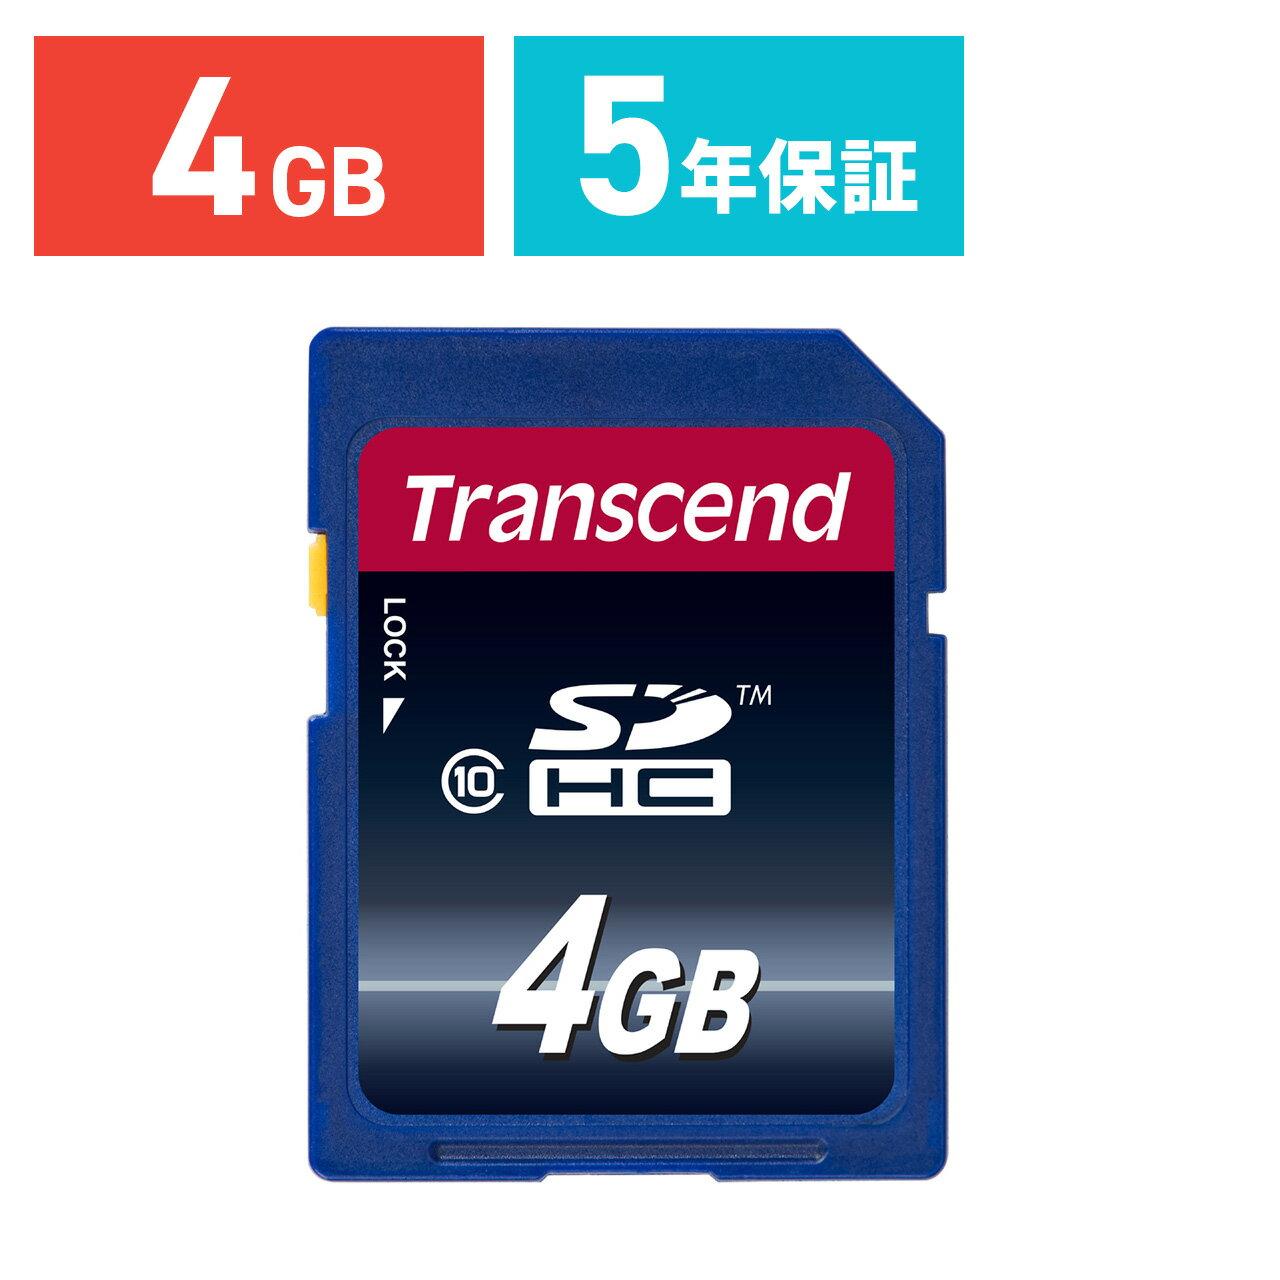 【店内全品ポイント5倍〜12/11(火)1:59まで】Transcend SDカード 4GB Class10 SDHC 5年保証 メモリーカード クラス10 入学 卒業[TS4GSDHC10]【ネコポス対応】【楽天BOX受取対象商品】